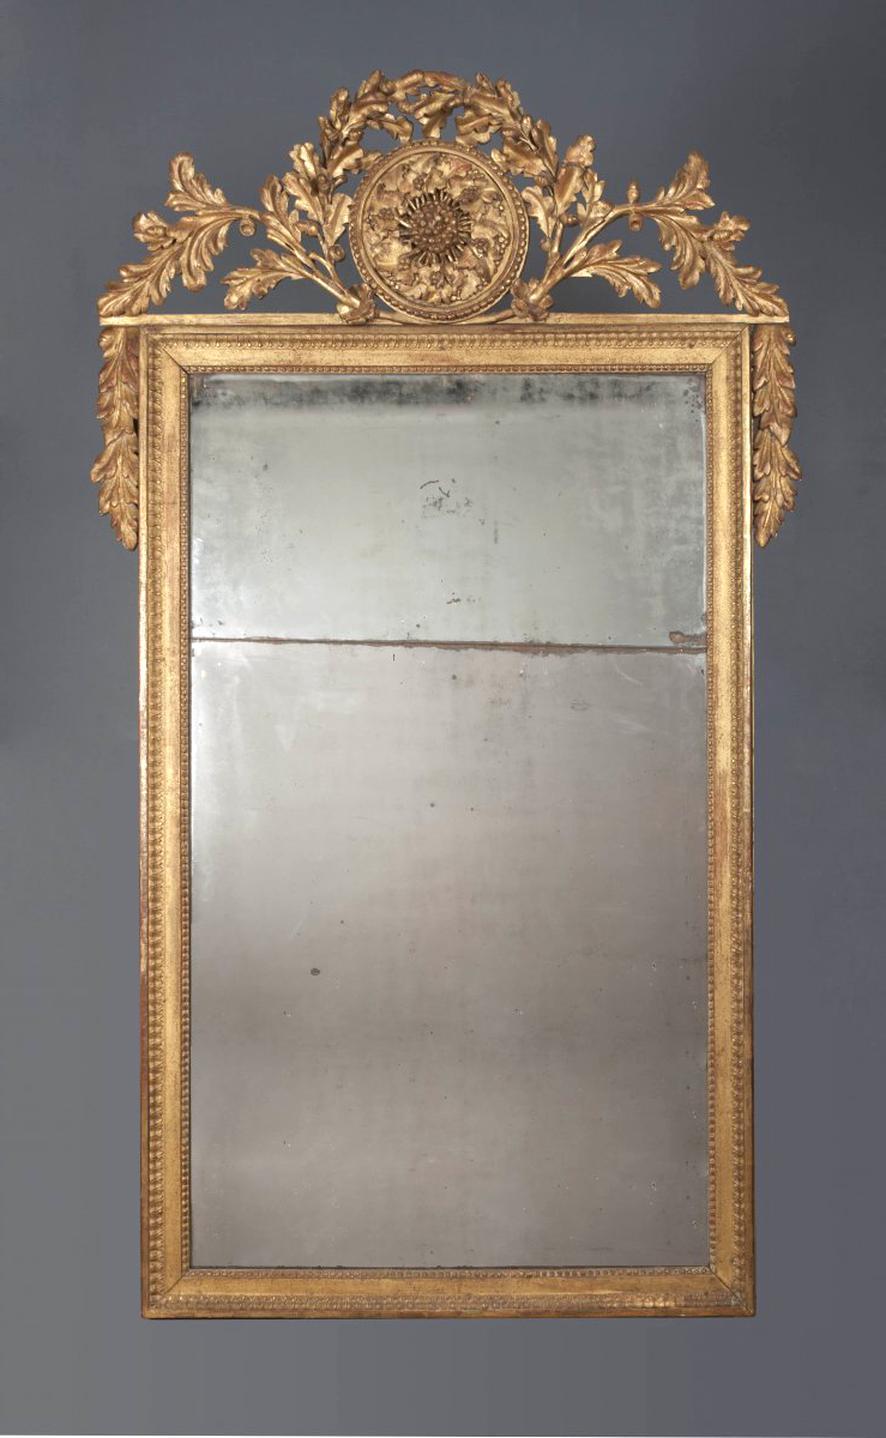 miroir louis xvi d'occasion